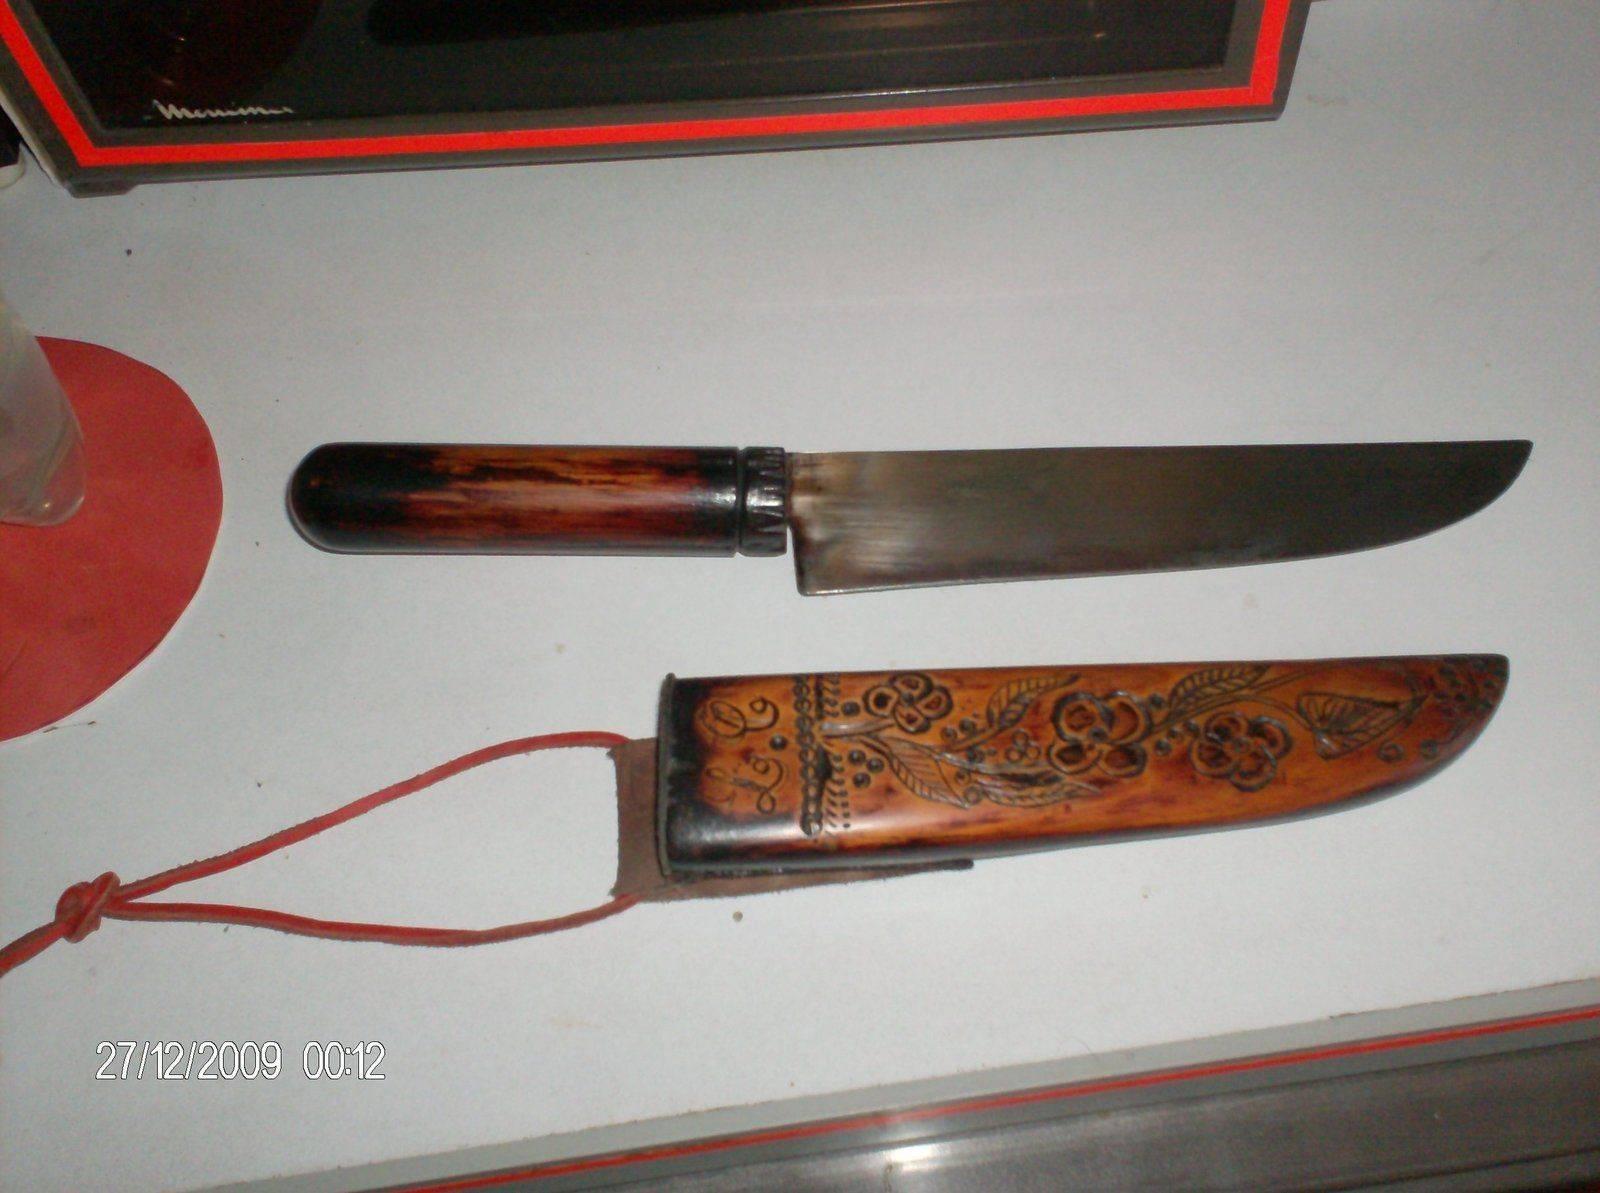 Couteau indien avec fourreau en chêne pyrogravé.jpg